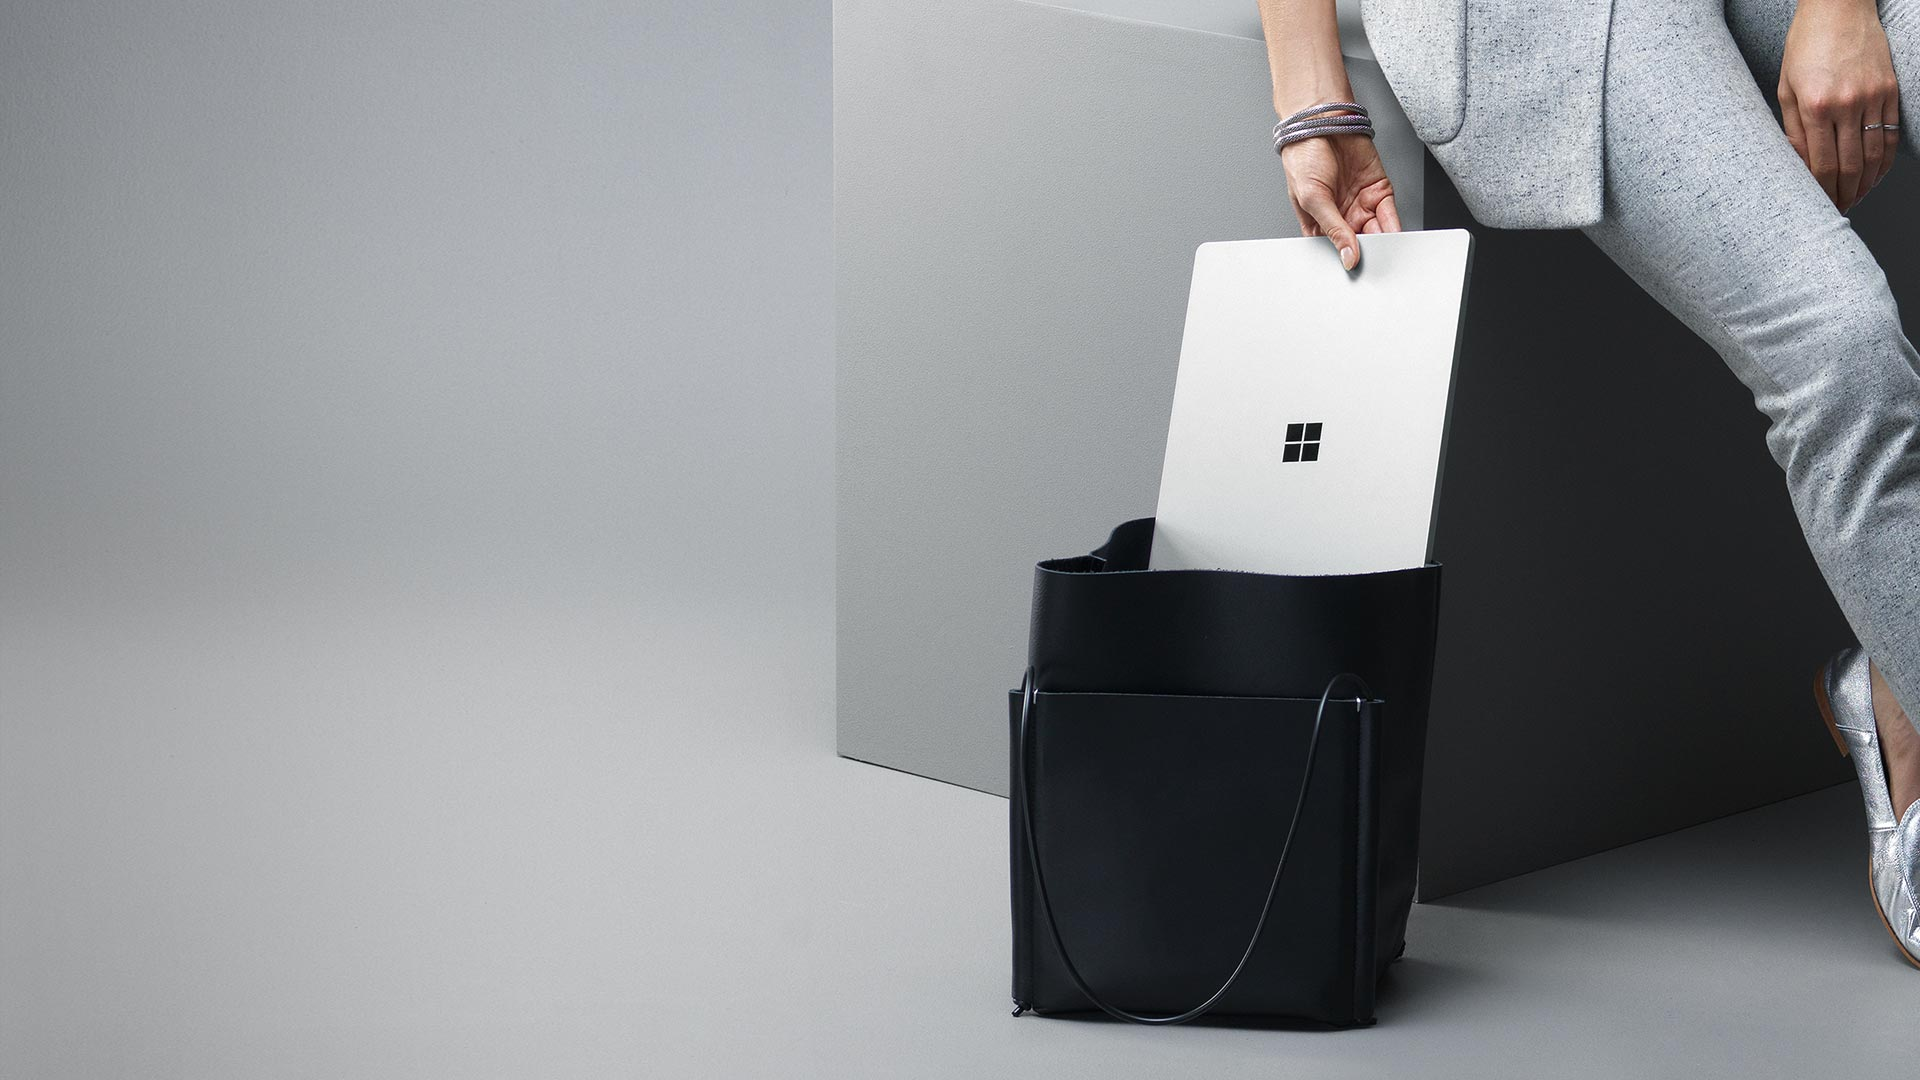 Frau, die ihr platinfarbenes Surface Laptop in ihre Tasche packt.